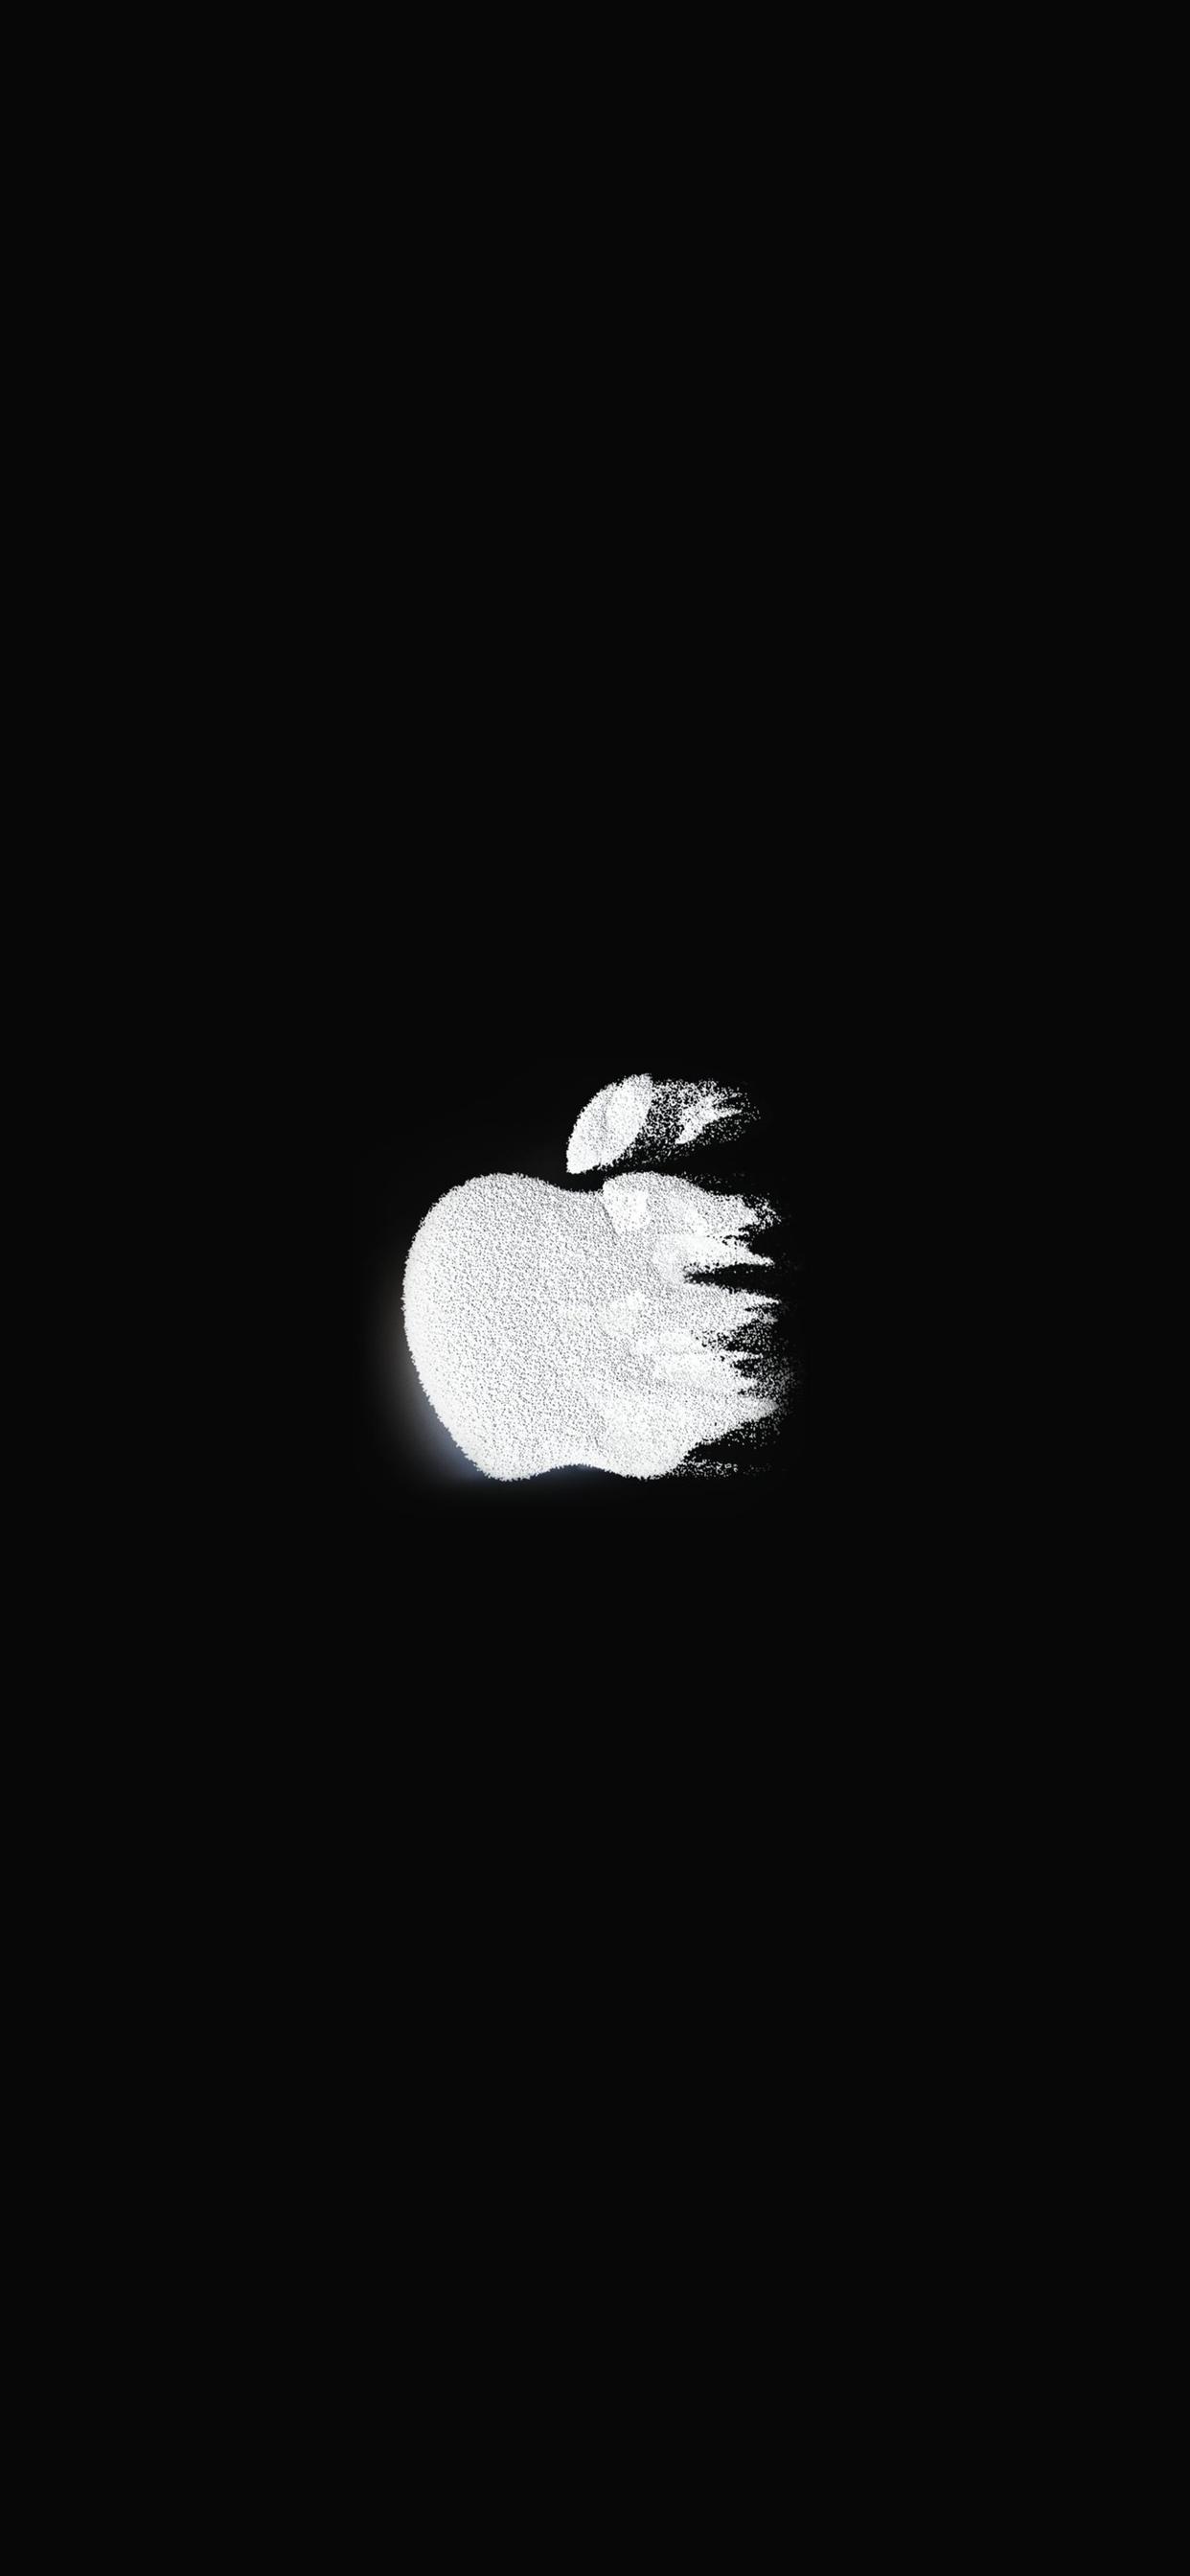 iPhone wallpaper apple logo 15 Fonds décran noirs avec le logo Apple en très haute résolution